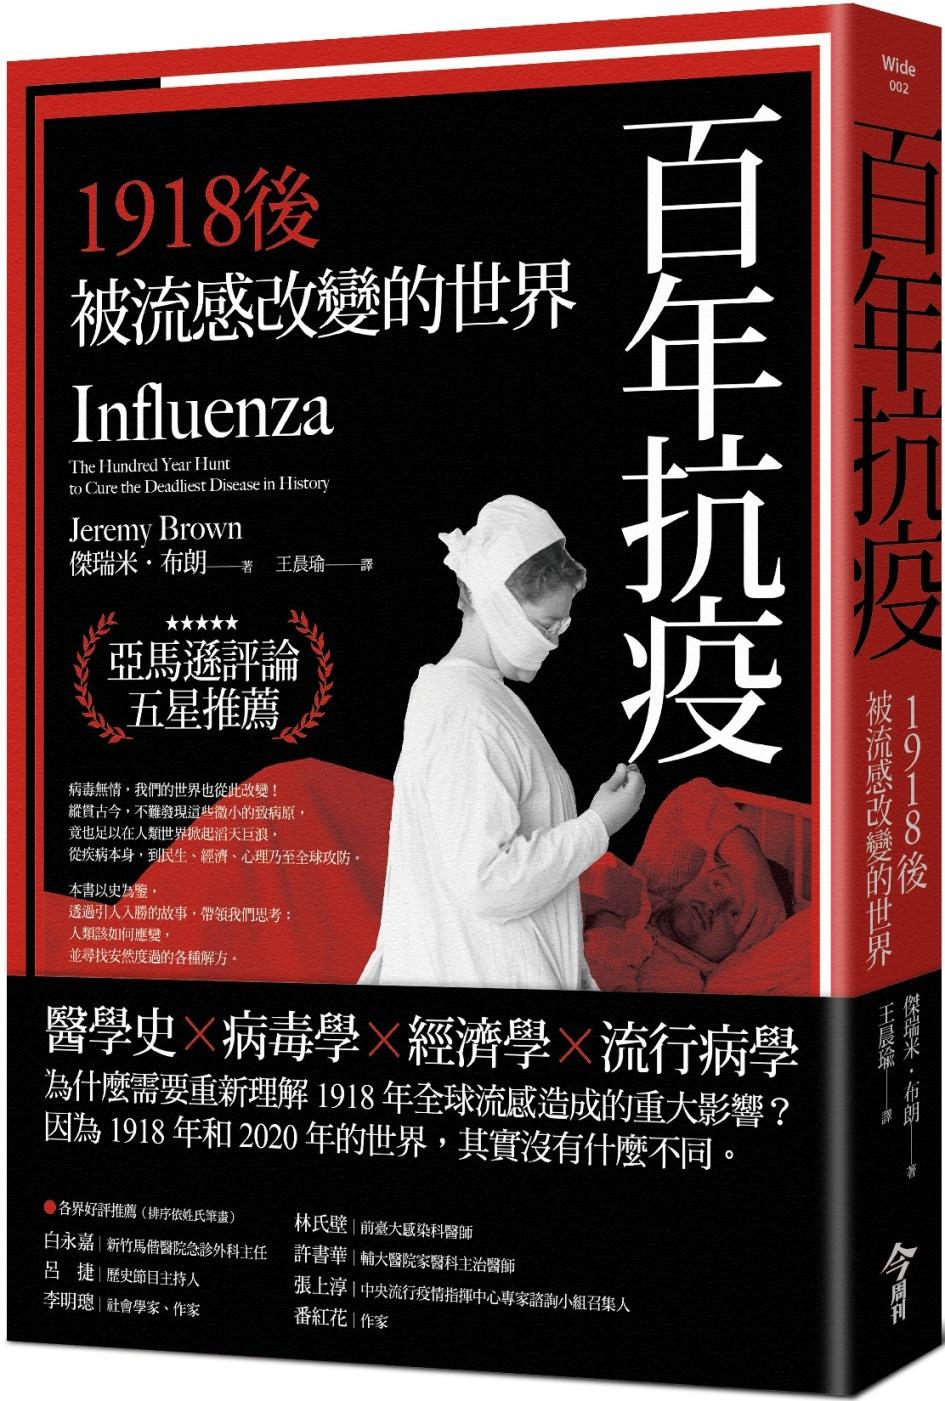 百年抗疫:1918後被流感改變...